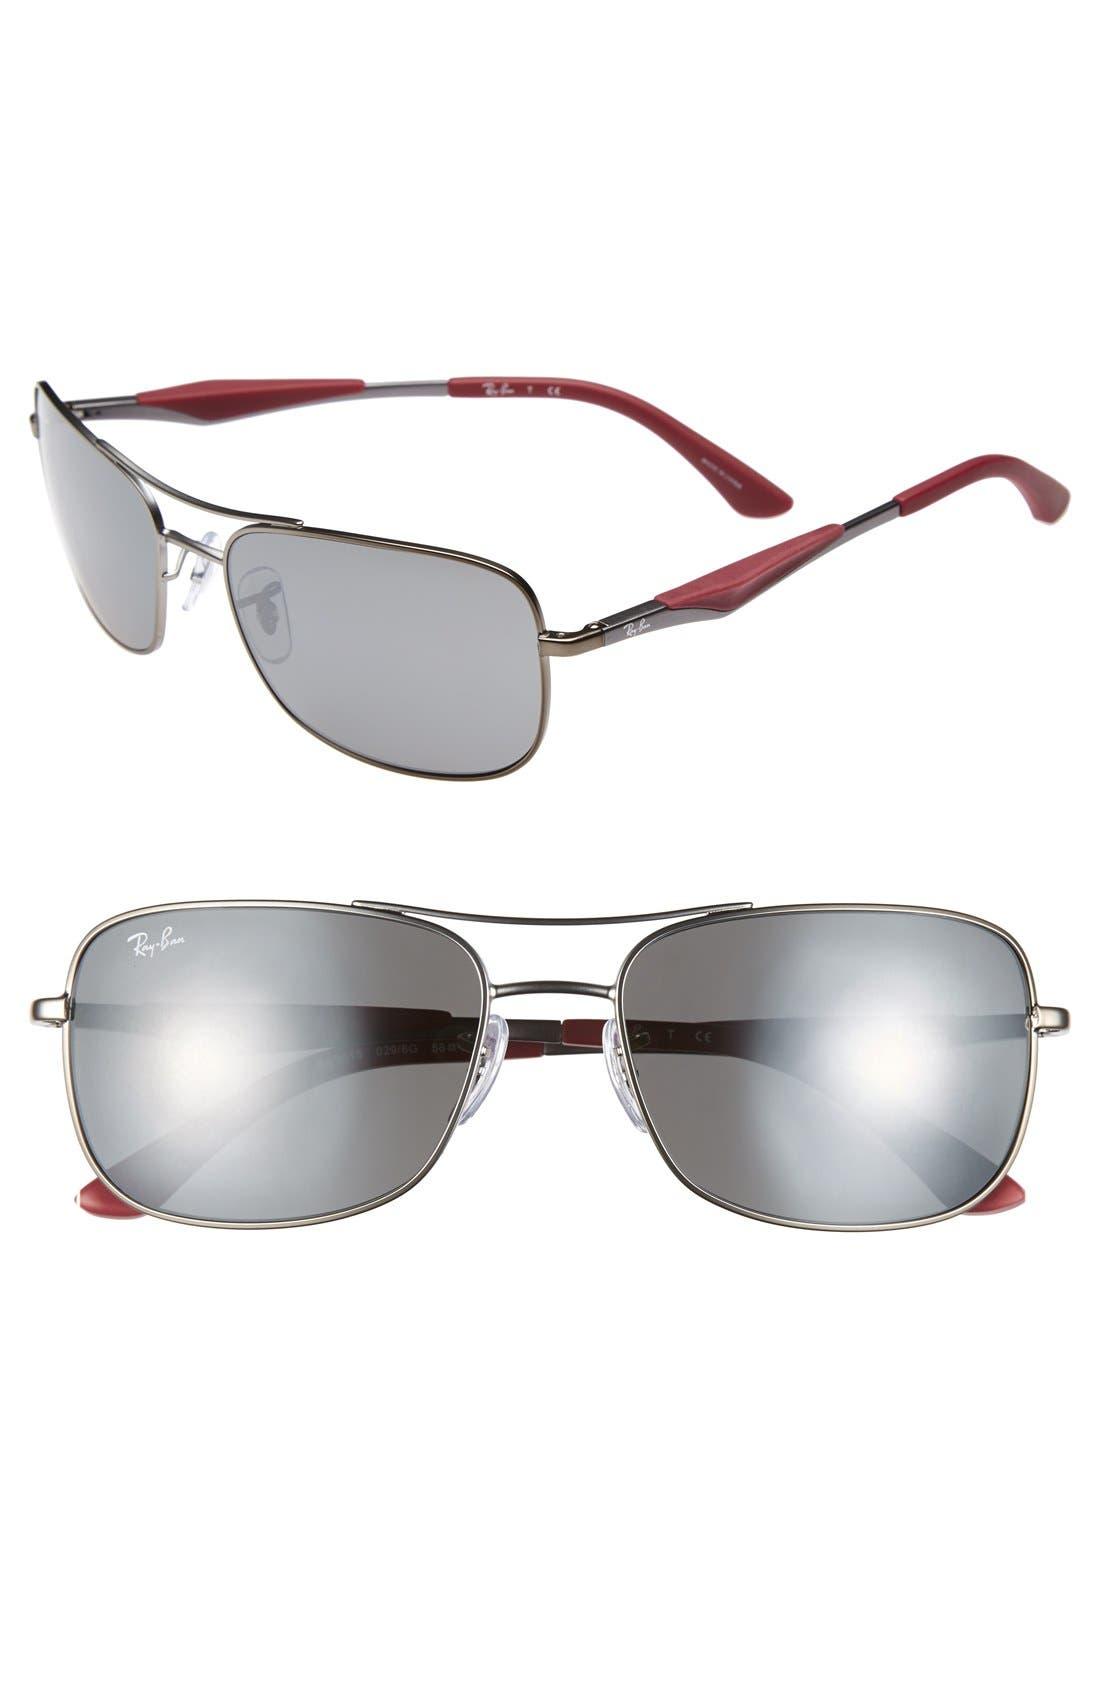 Main Image - Ray-Ban 58mm Sunglasses